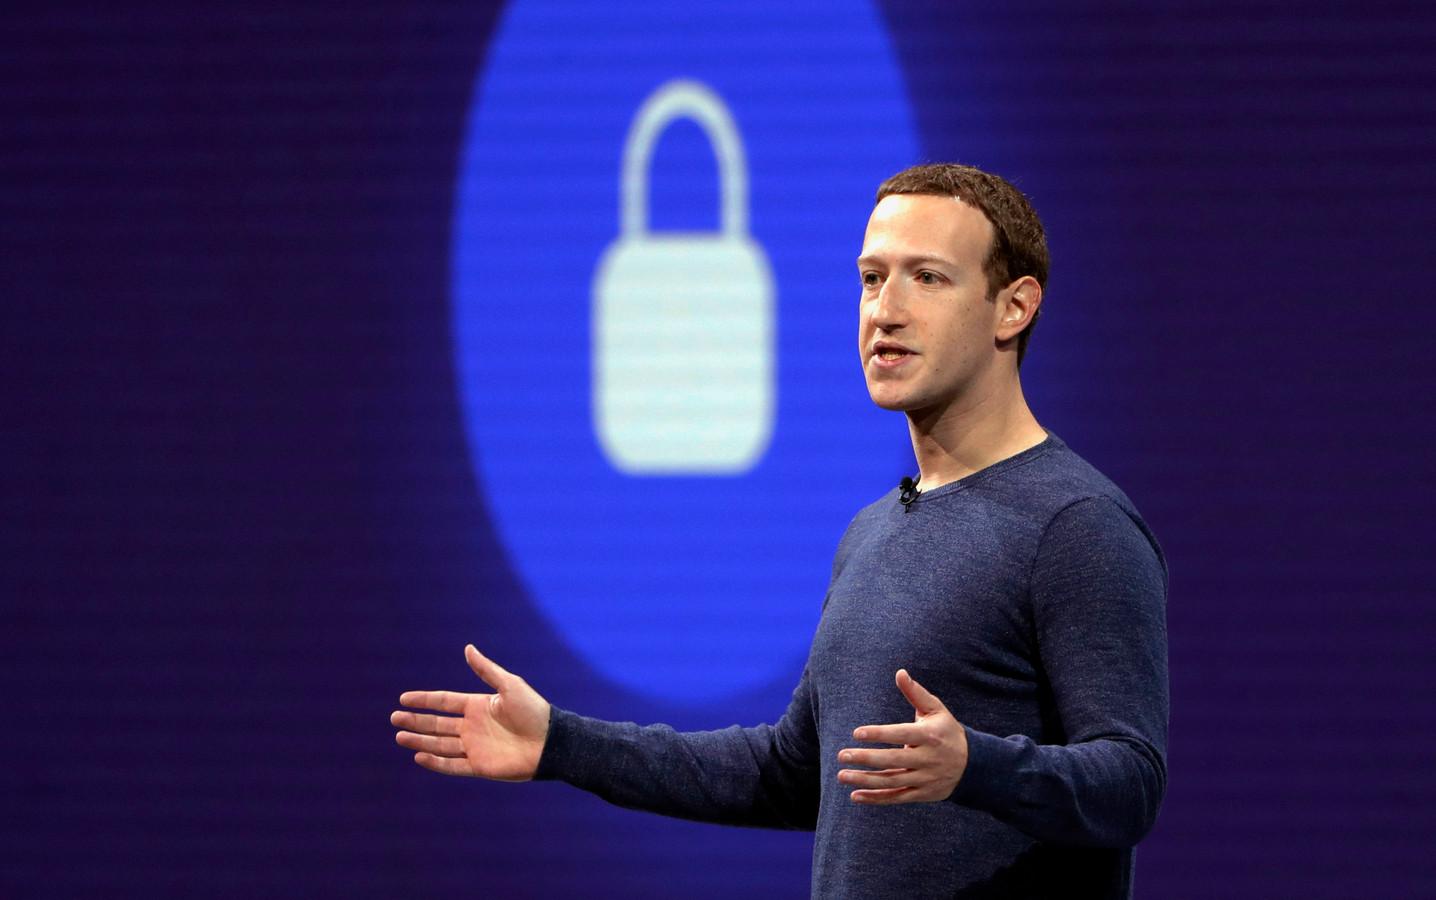 Le patron de Facebook Mark Zuckerberg.